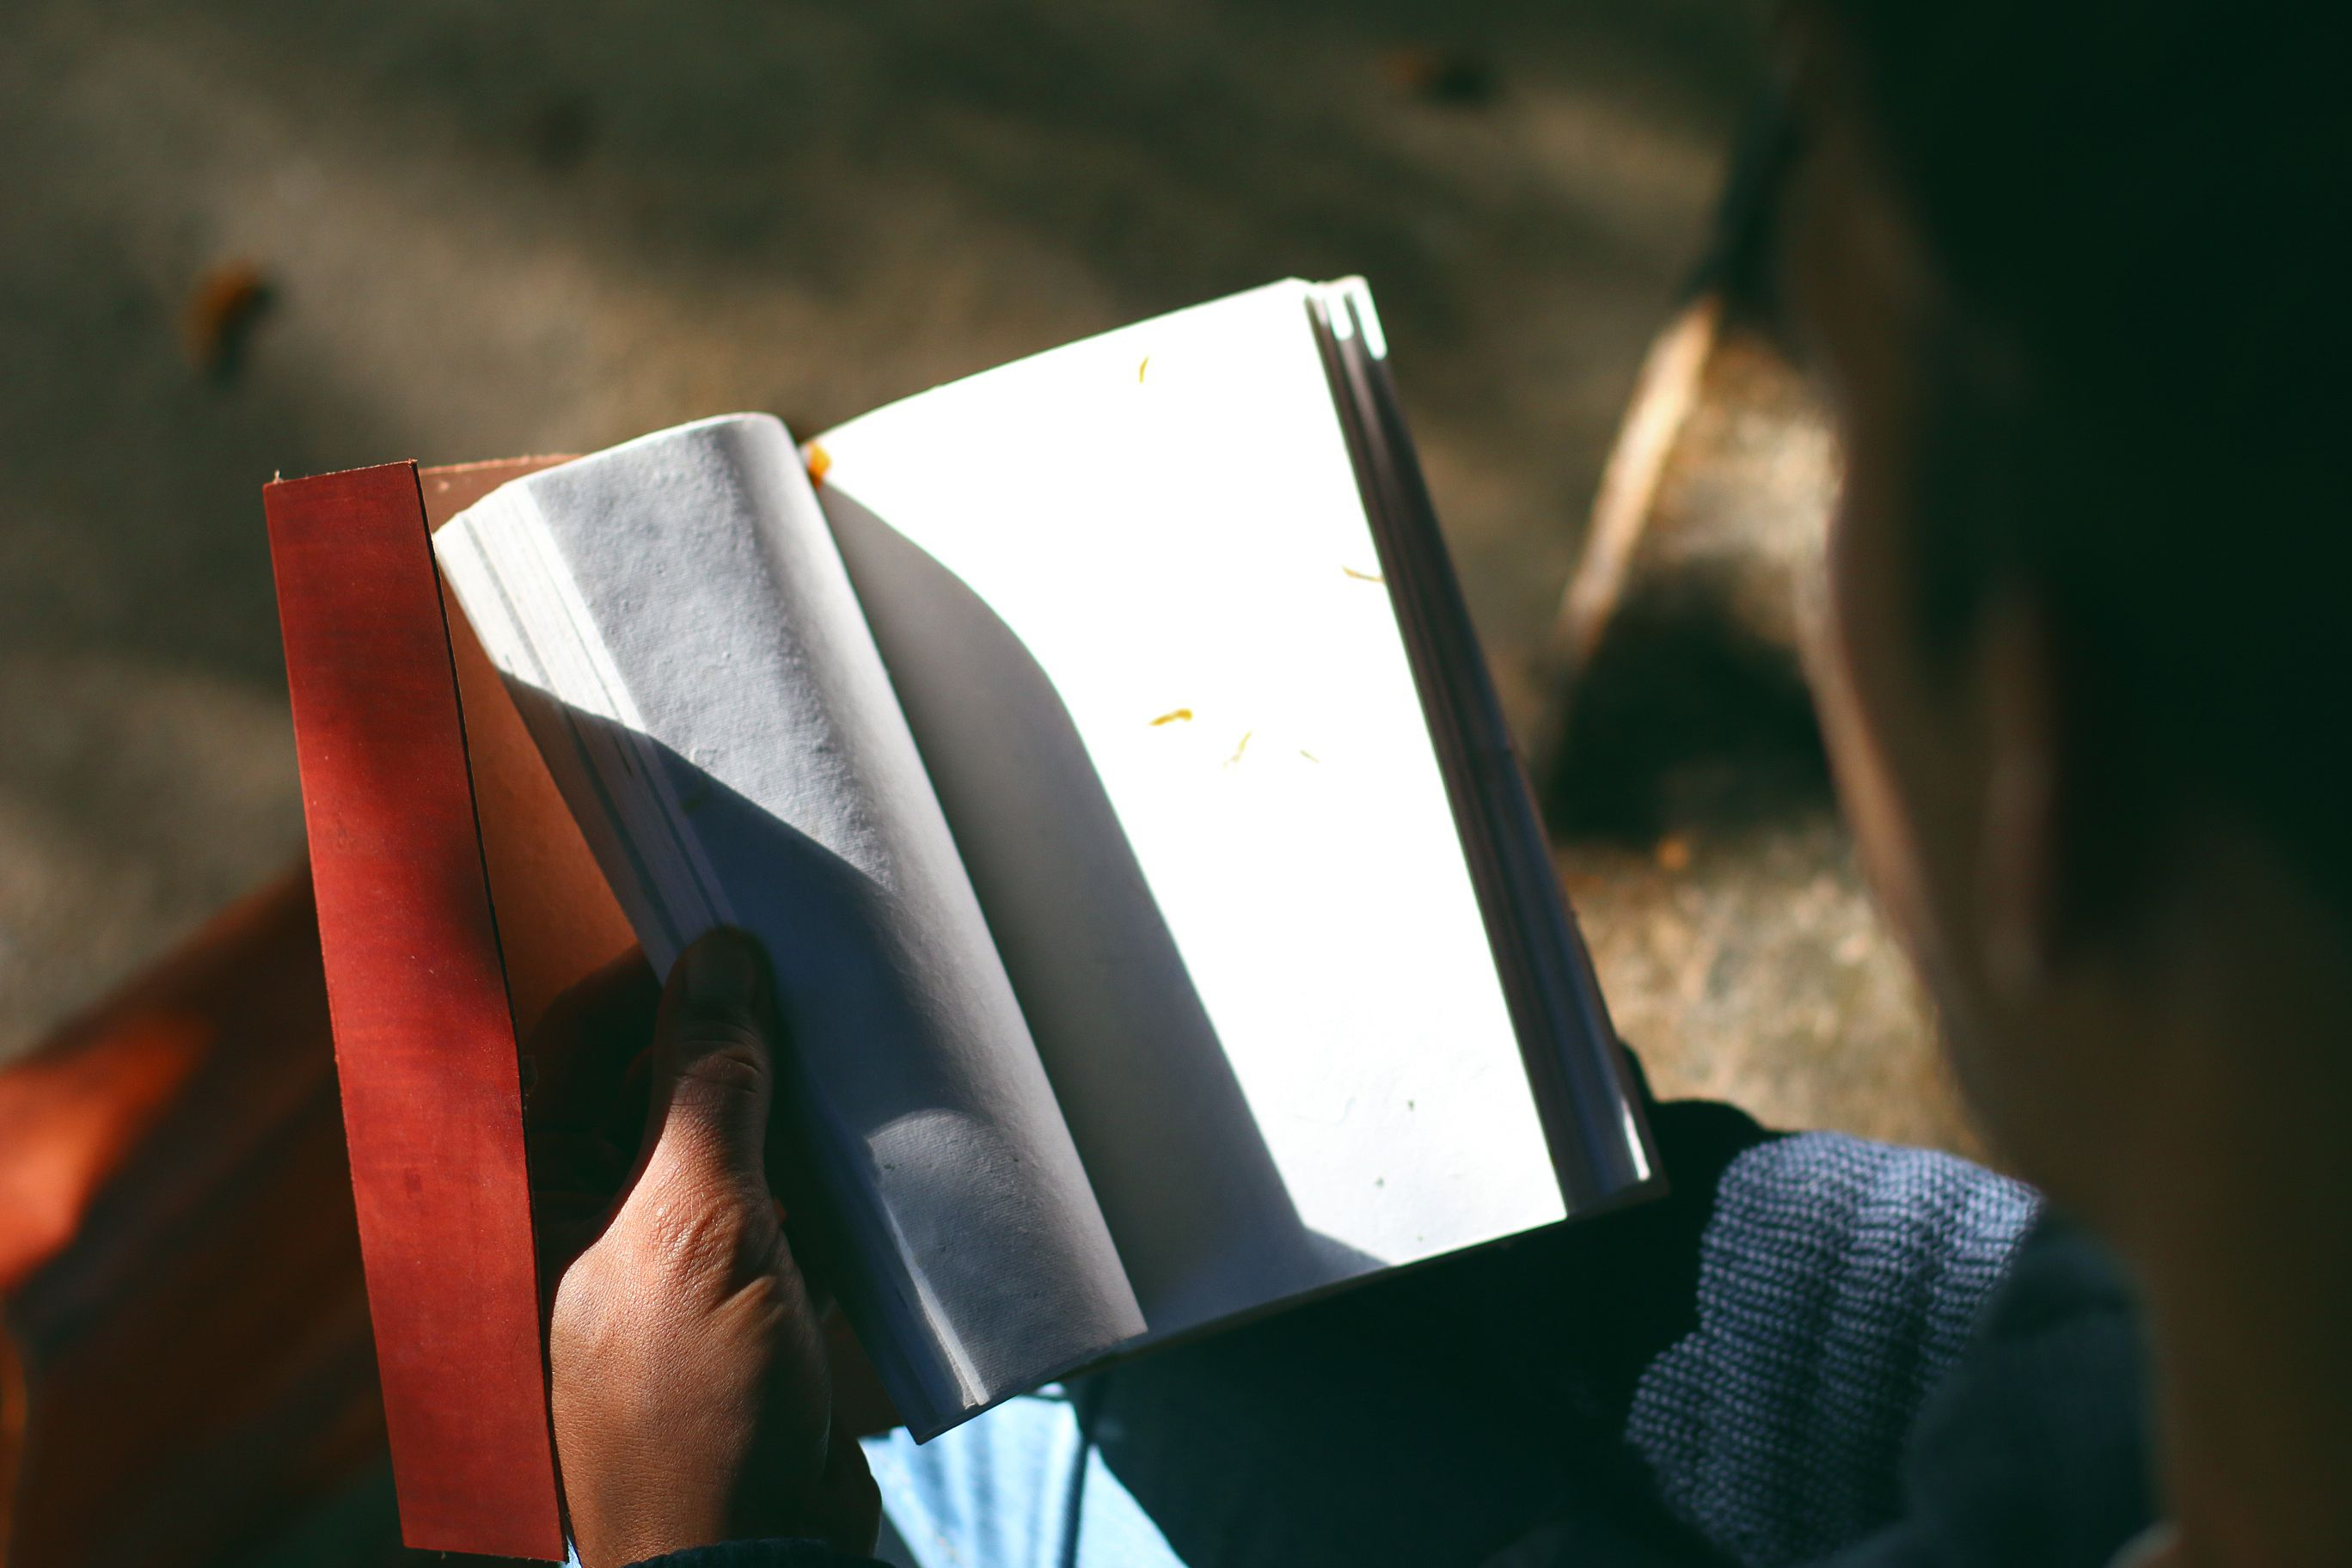 """Klassisch schön mit dem Hauch Natürlichkeit, der es so besonders macht – das ist """"Sophia"""". Das schöne Notizbuch aus naturgegerbtem Rindsleder mit 200 weißen Seiten überzeugt mit seinem spannenden Design, in dem sich Vintage und Moderne vereinen - Ledereinband - Gusti Leder P11"""